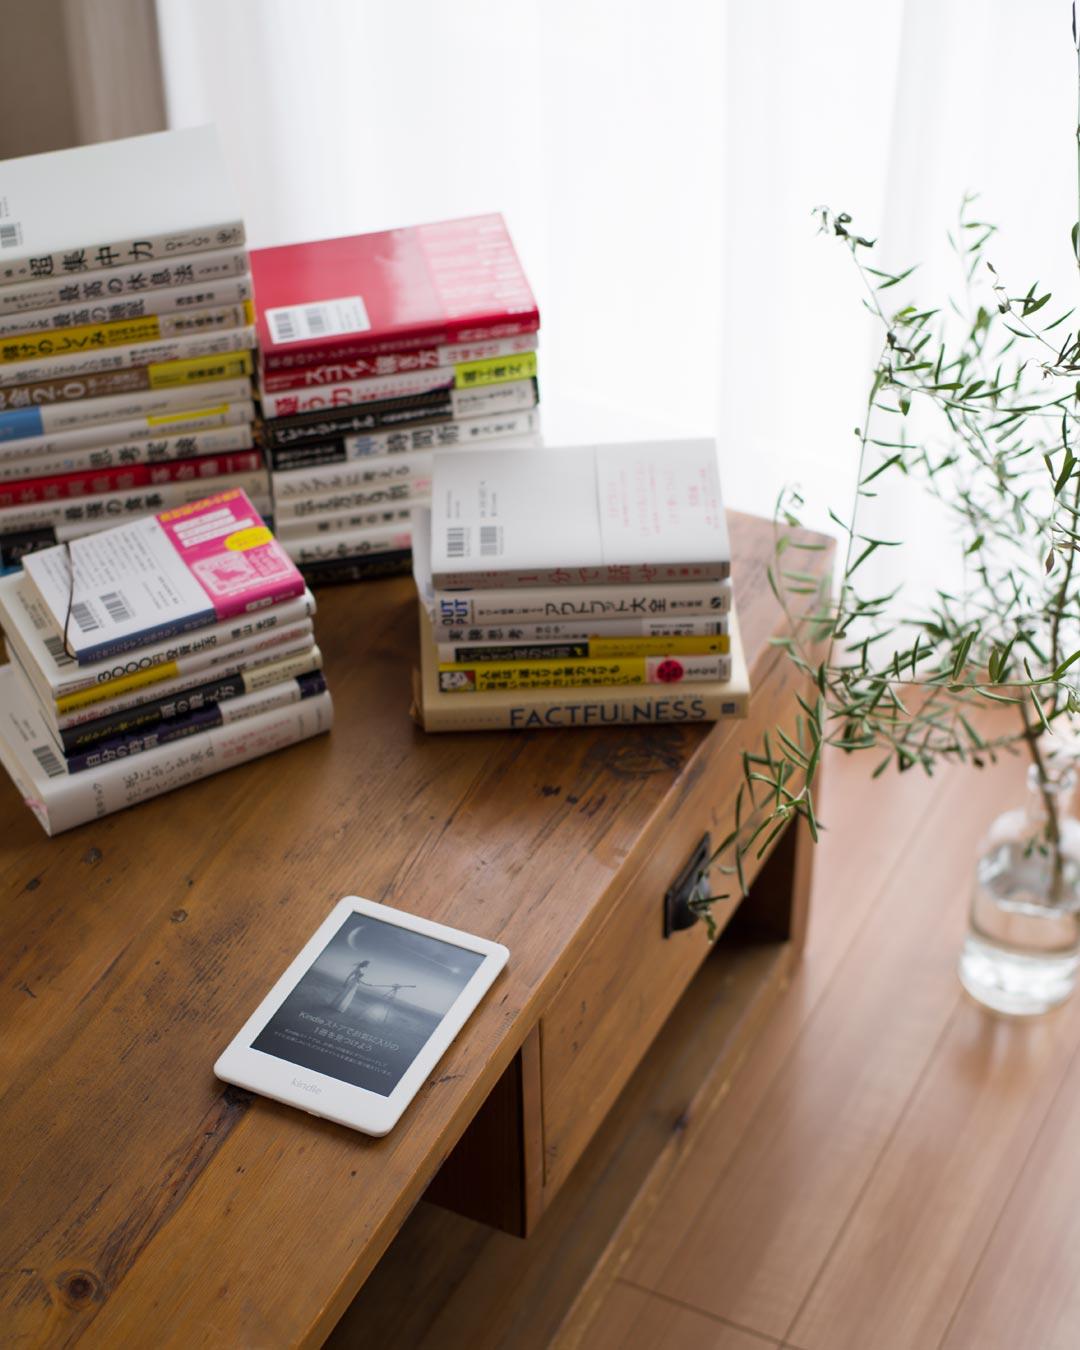 ミニマリストを目指し、本を断捨離→電子書籍 kindleに集約しました。